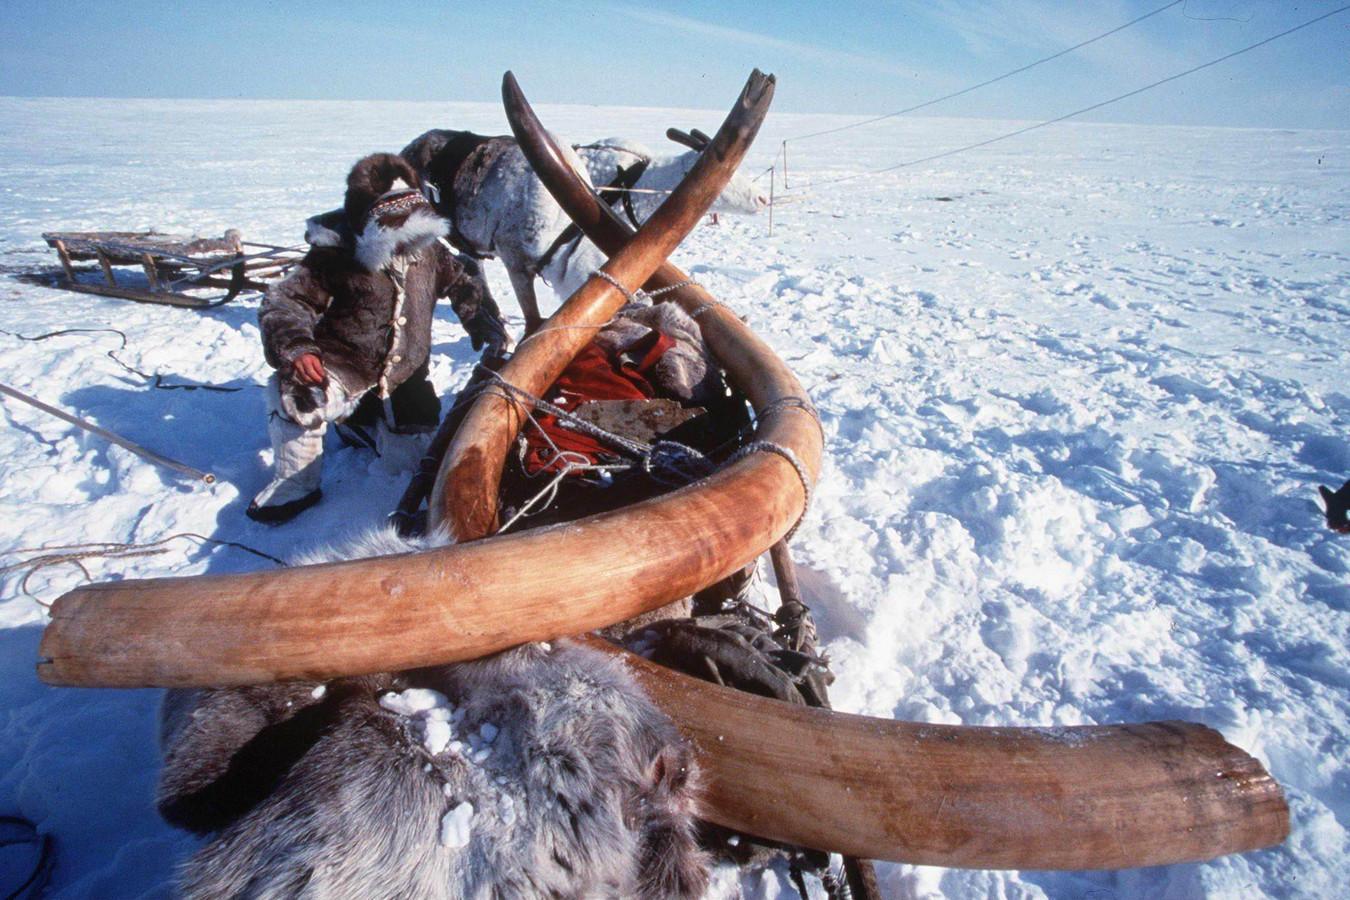 Slagtanden van een mammoet die is gevonden in Siberië